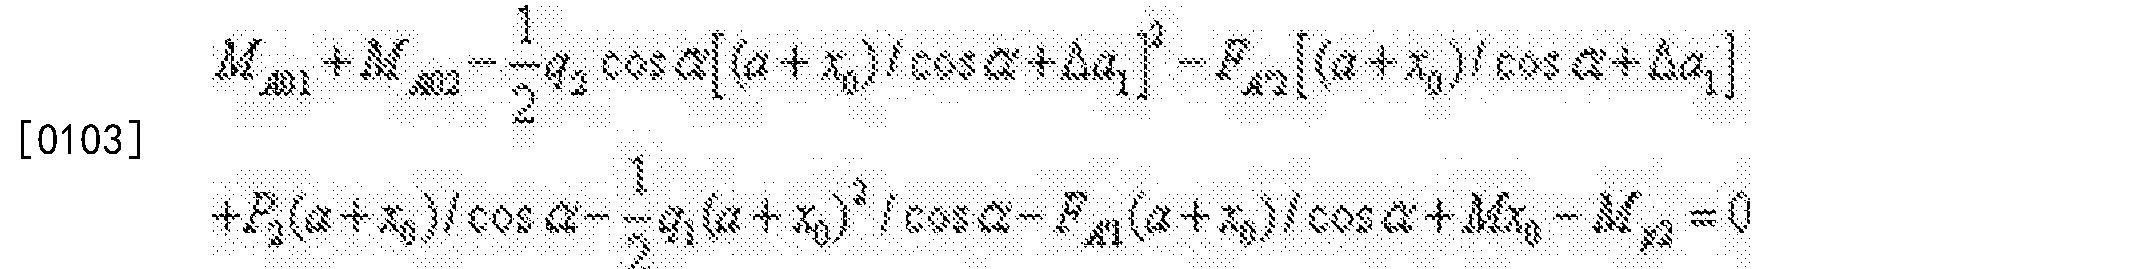 Figure CN104358572BD00103